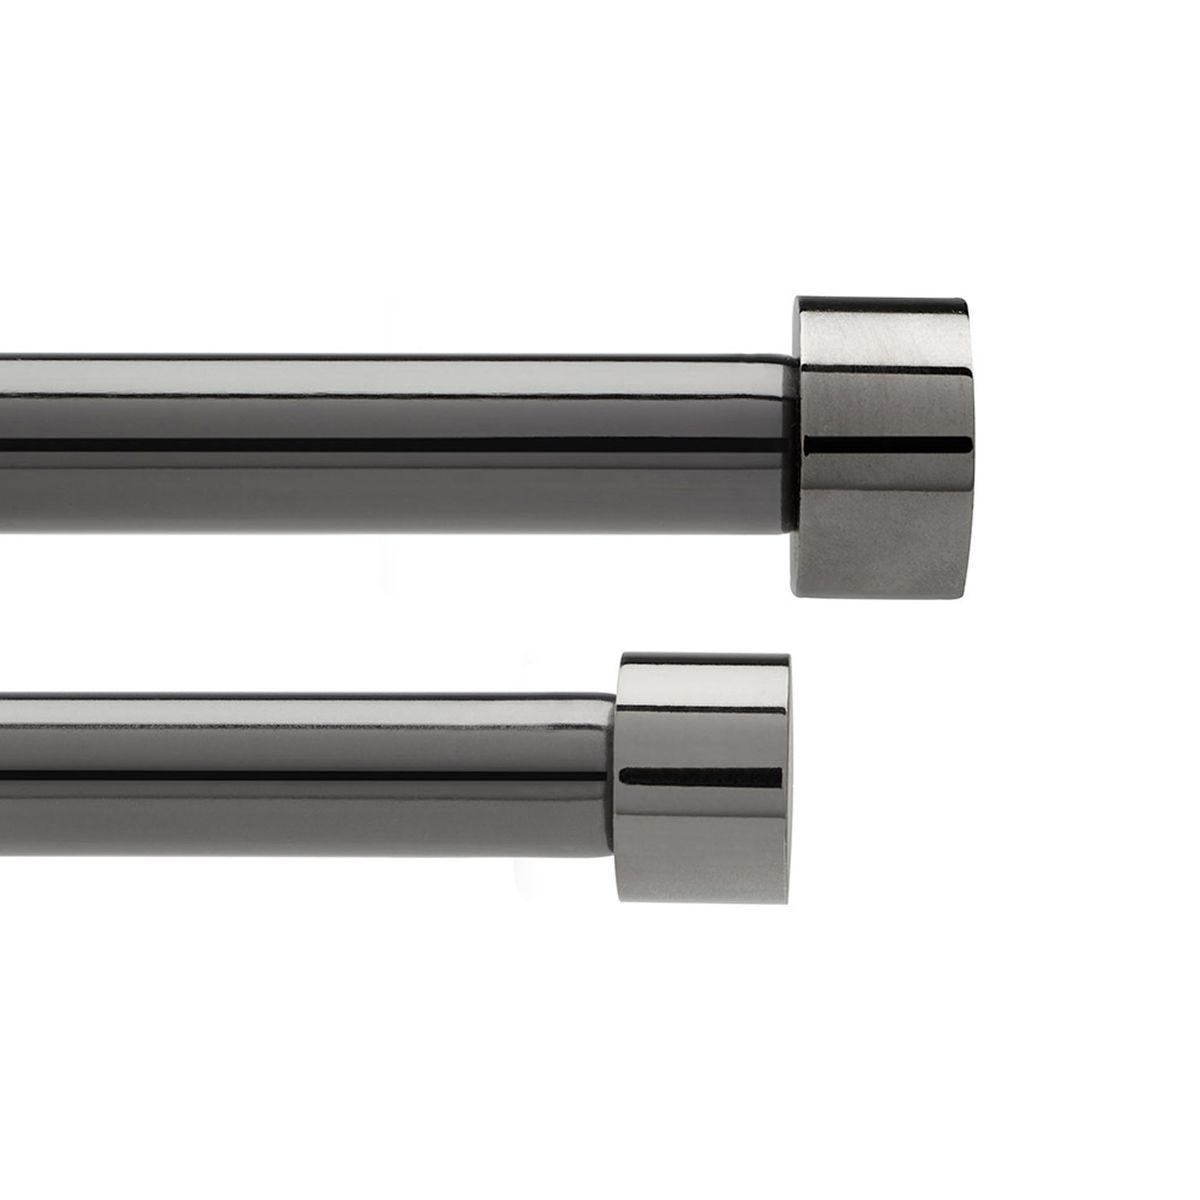 Карниз Umbra двойной Cappa (91-183 см) титан. 245963-624245963-624Двойной карниз для штор Cappa имеет телескопическую конструкцию, которая позволяет регулировать его длину, и металлические украшения в виде насадок по краям. Диаметр переднего карниза 1,9 см, заднего 1,6 см. Крепления идут в комплекте.